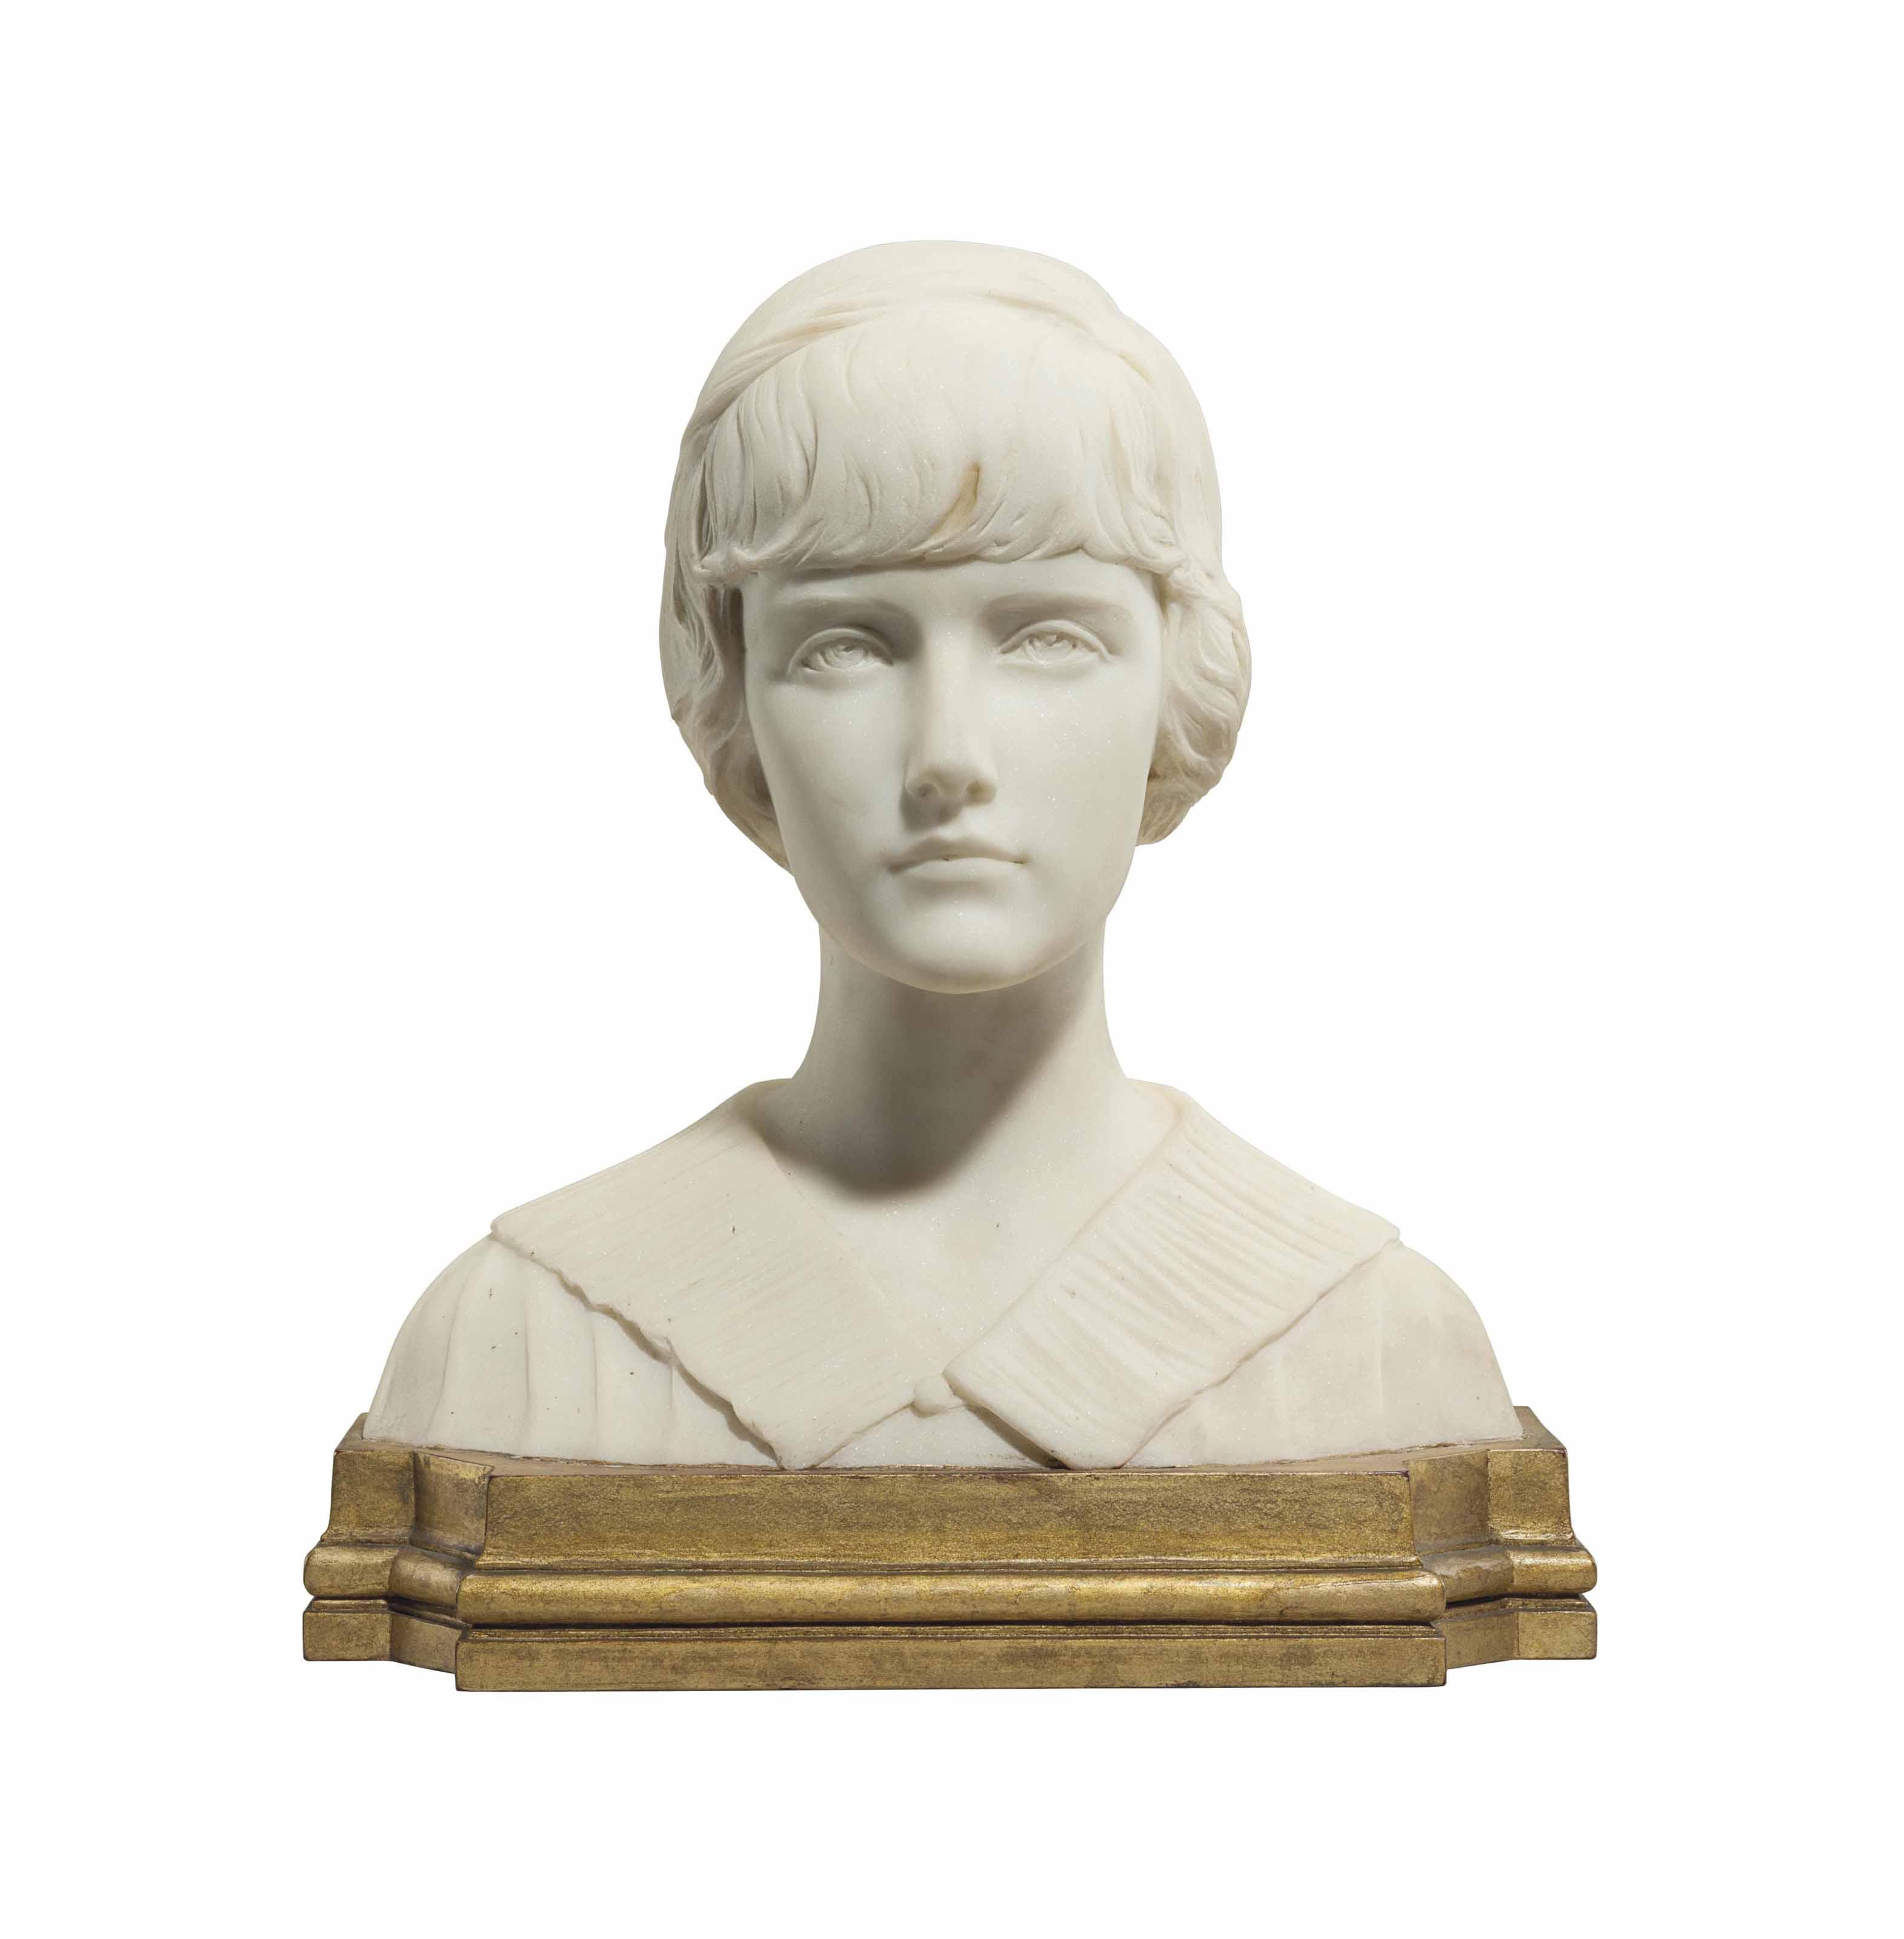 Portrait Bust of Andrée Clark (1902-1919)